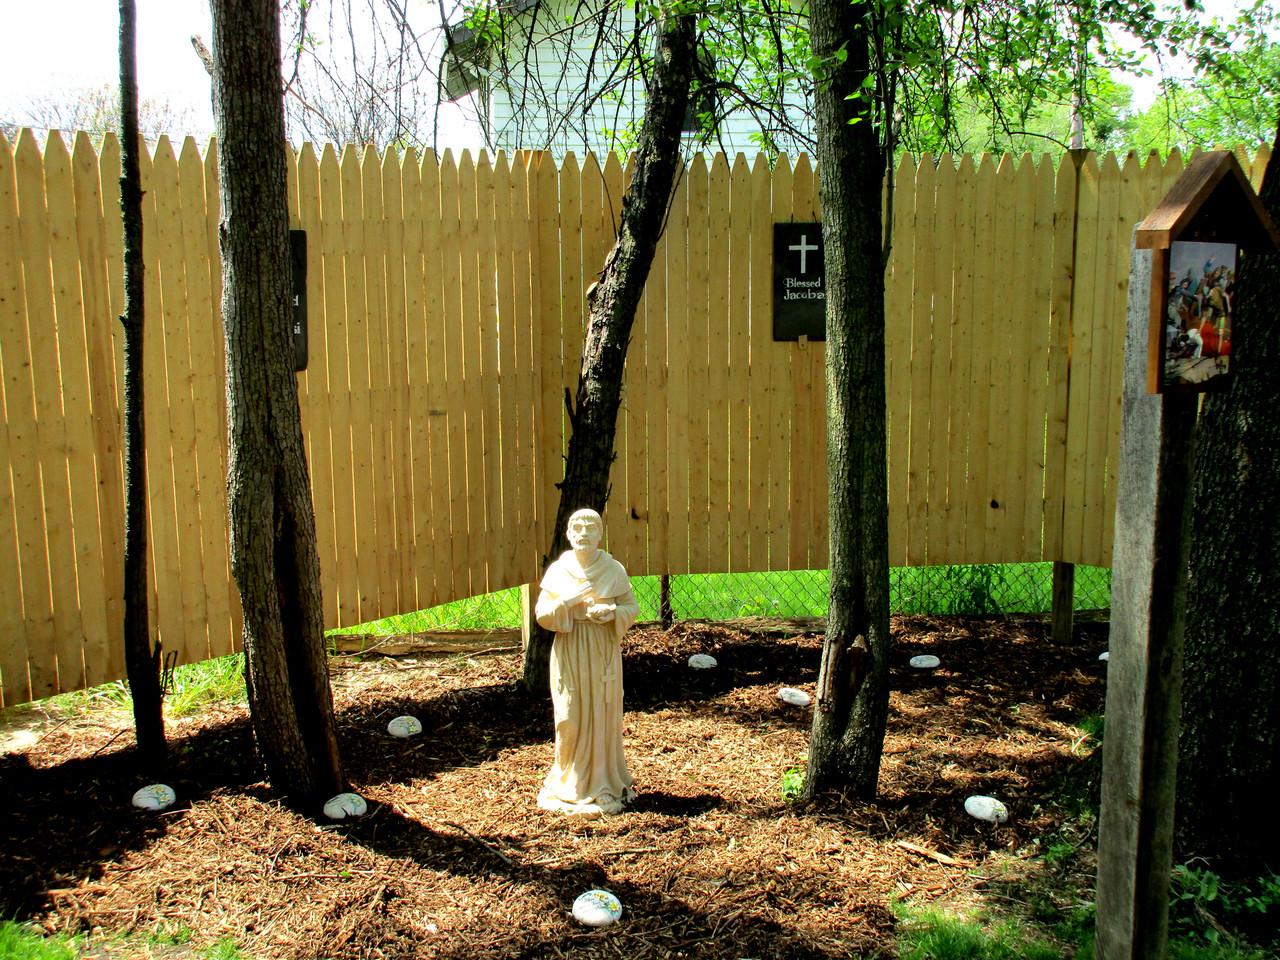 Saint Francis of Assisi Pet Memorial in Mary's Glen, Fort Wayne IN